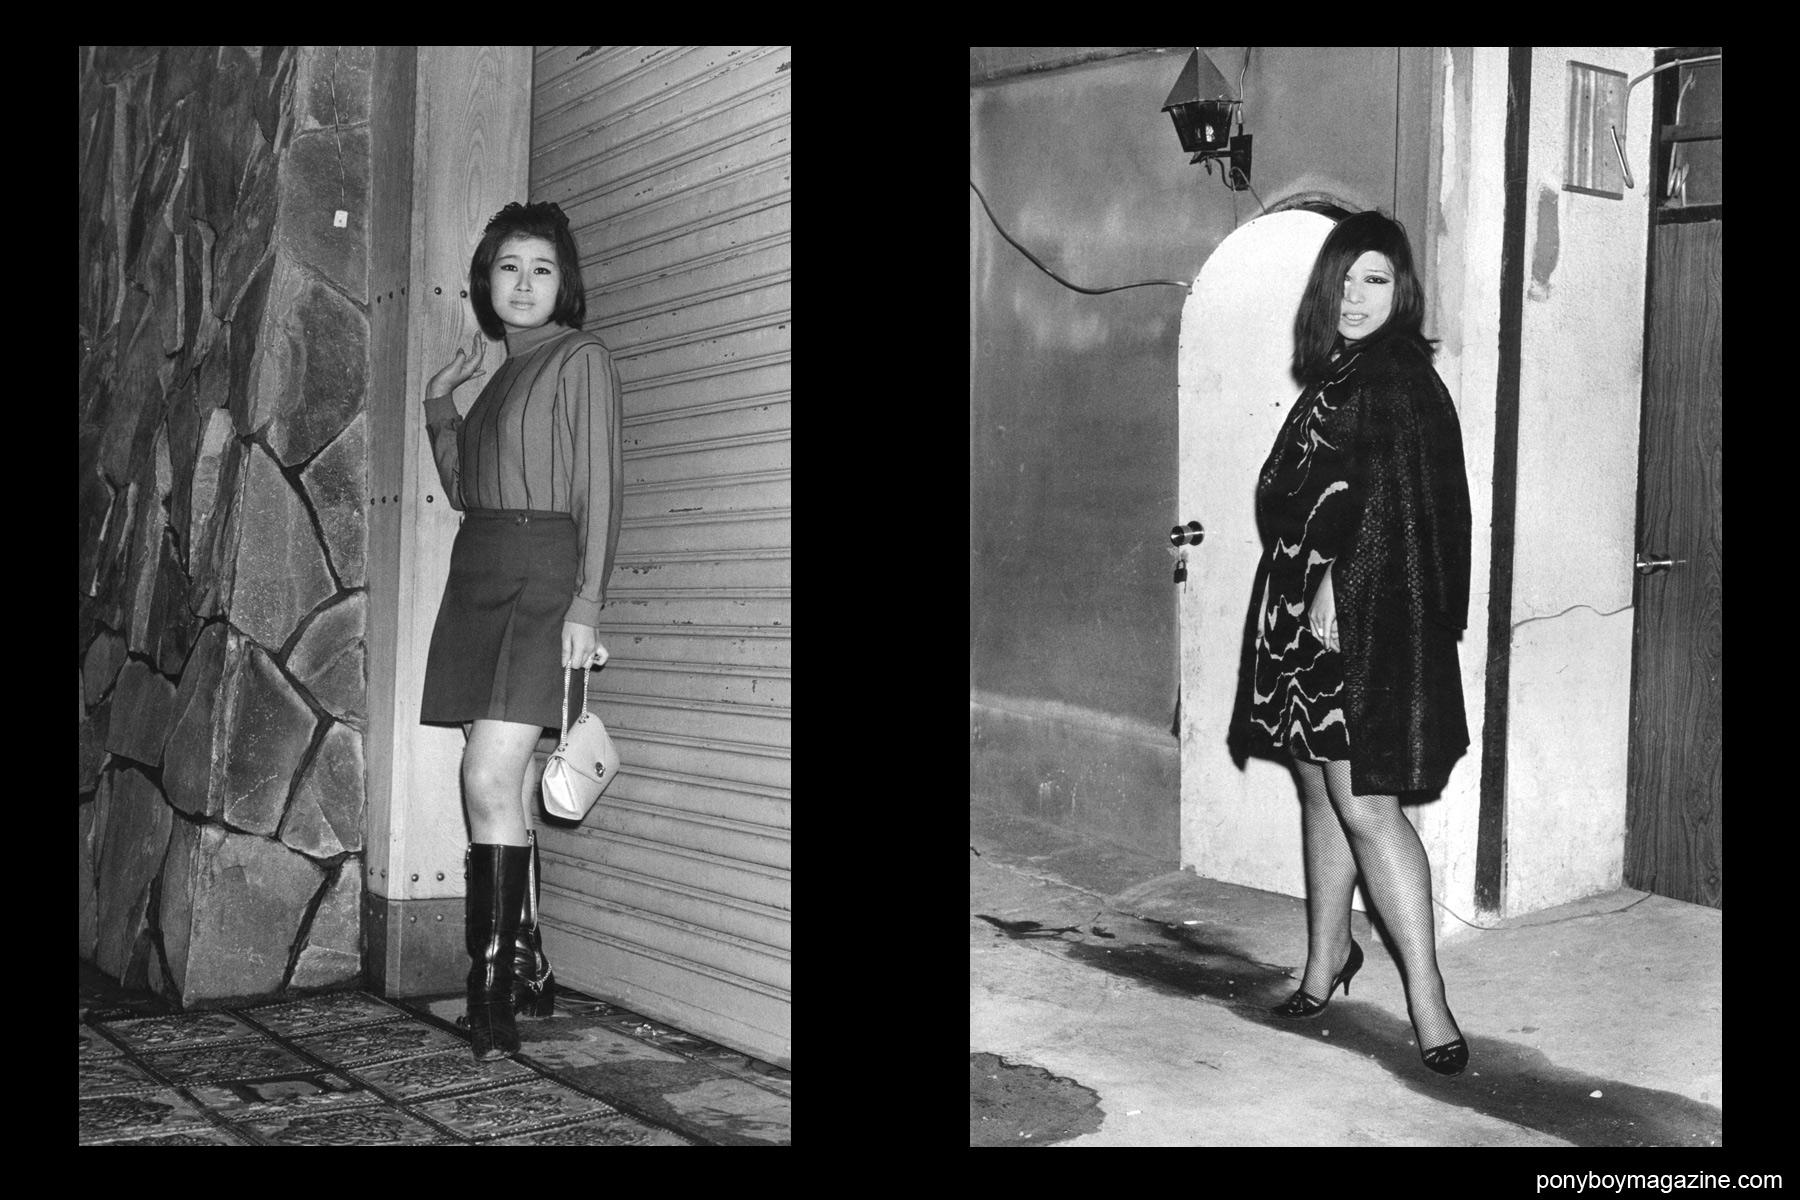 Japanese prostitutes in 1960's Kabukicho photographed by Watanabe Katsumi.